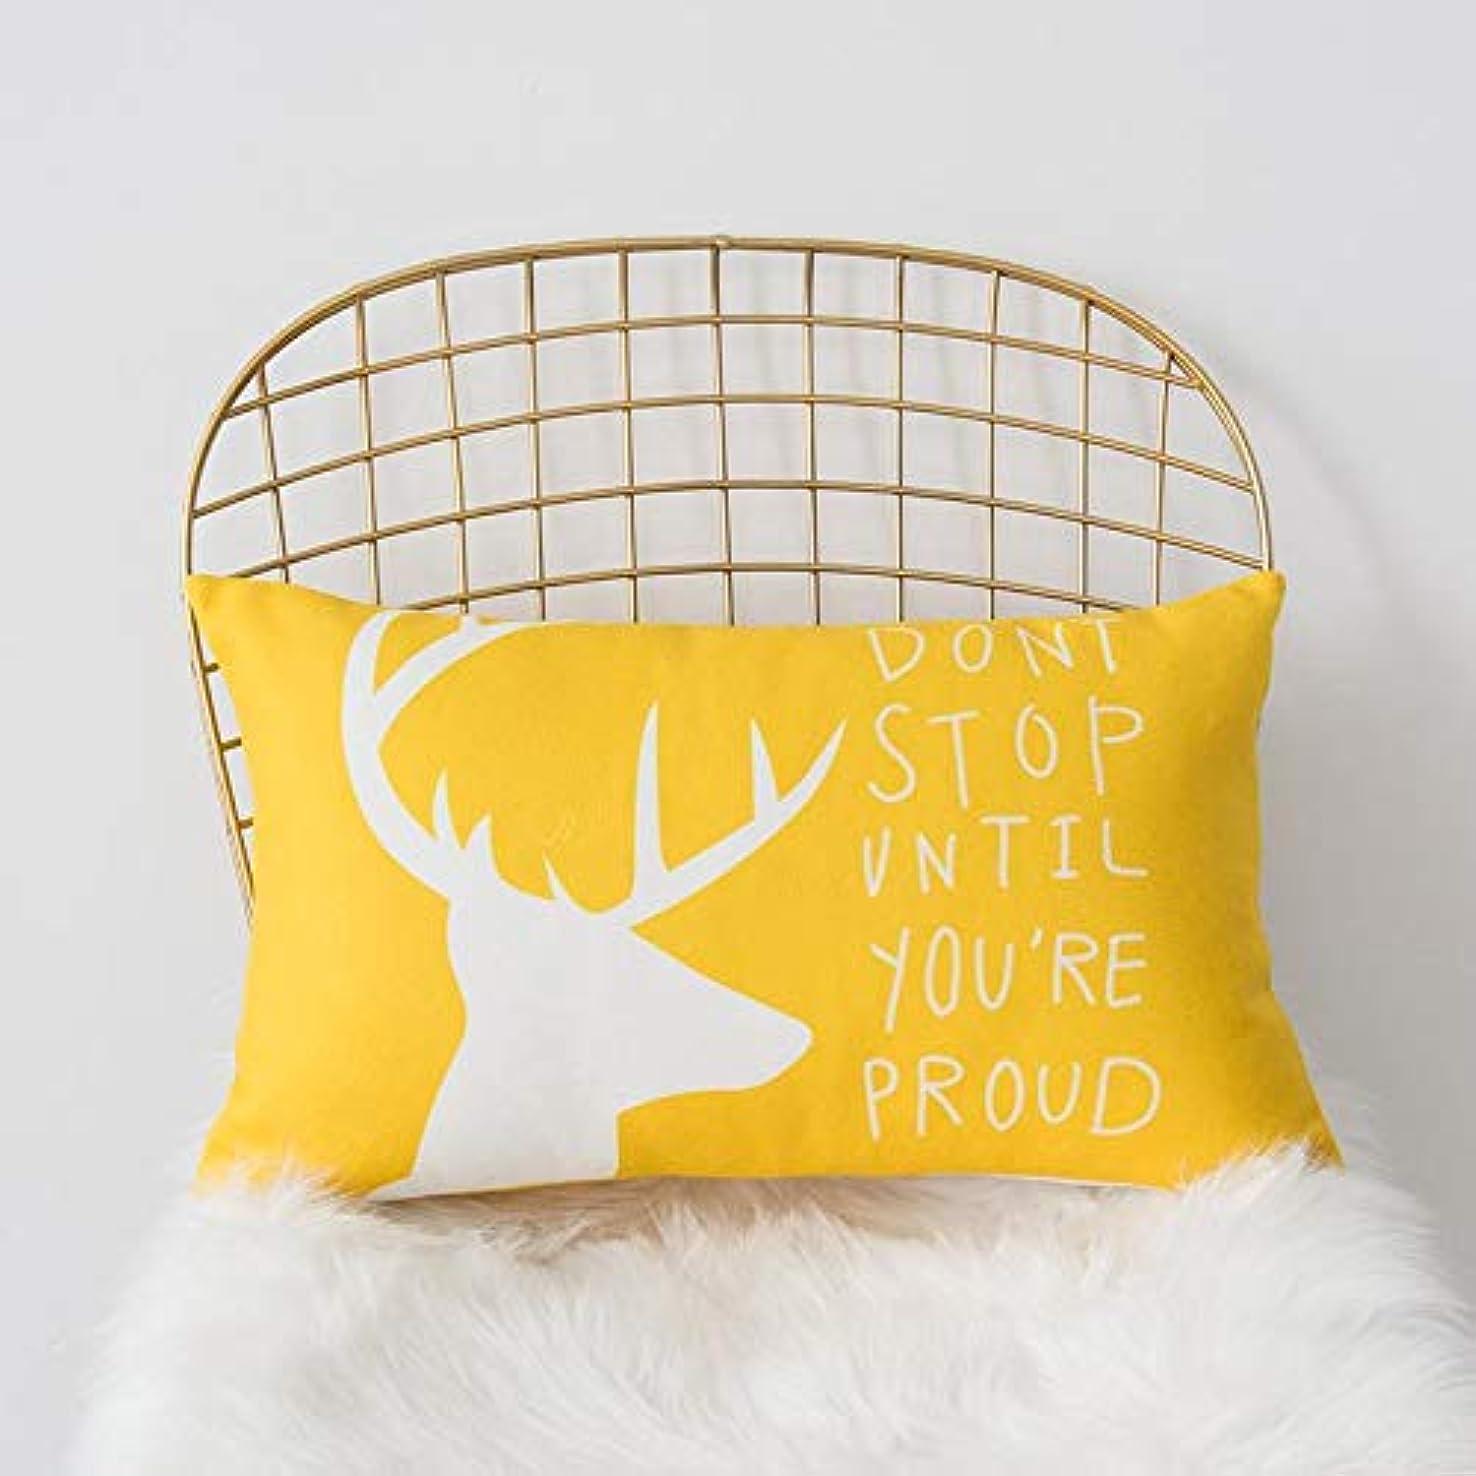 ポーズアクティブロープLIFE 黄色グレー枕北欧スタイル黄色ヘラジカ幾何枕リビングルームのインテリアソファクッション Cojines 装飾良質 クッション 椅子